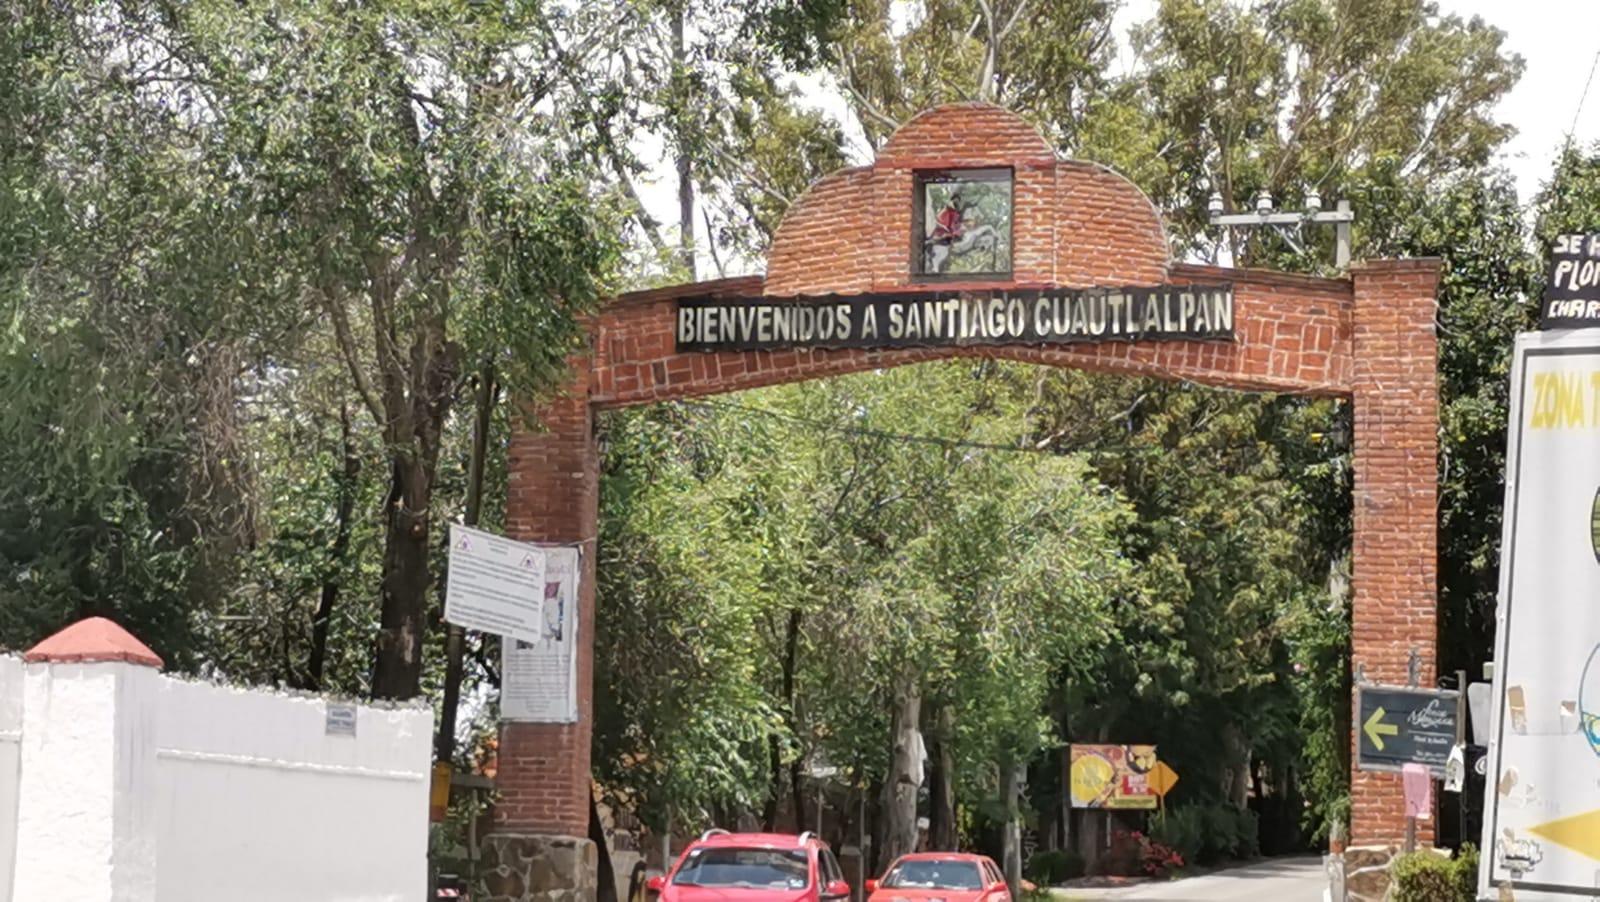 PIDEN EL REGRESO DE LAS FIESTAS PATRONALES EN TEPOTZOTLÁN